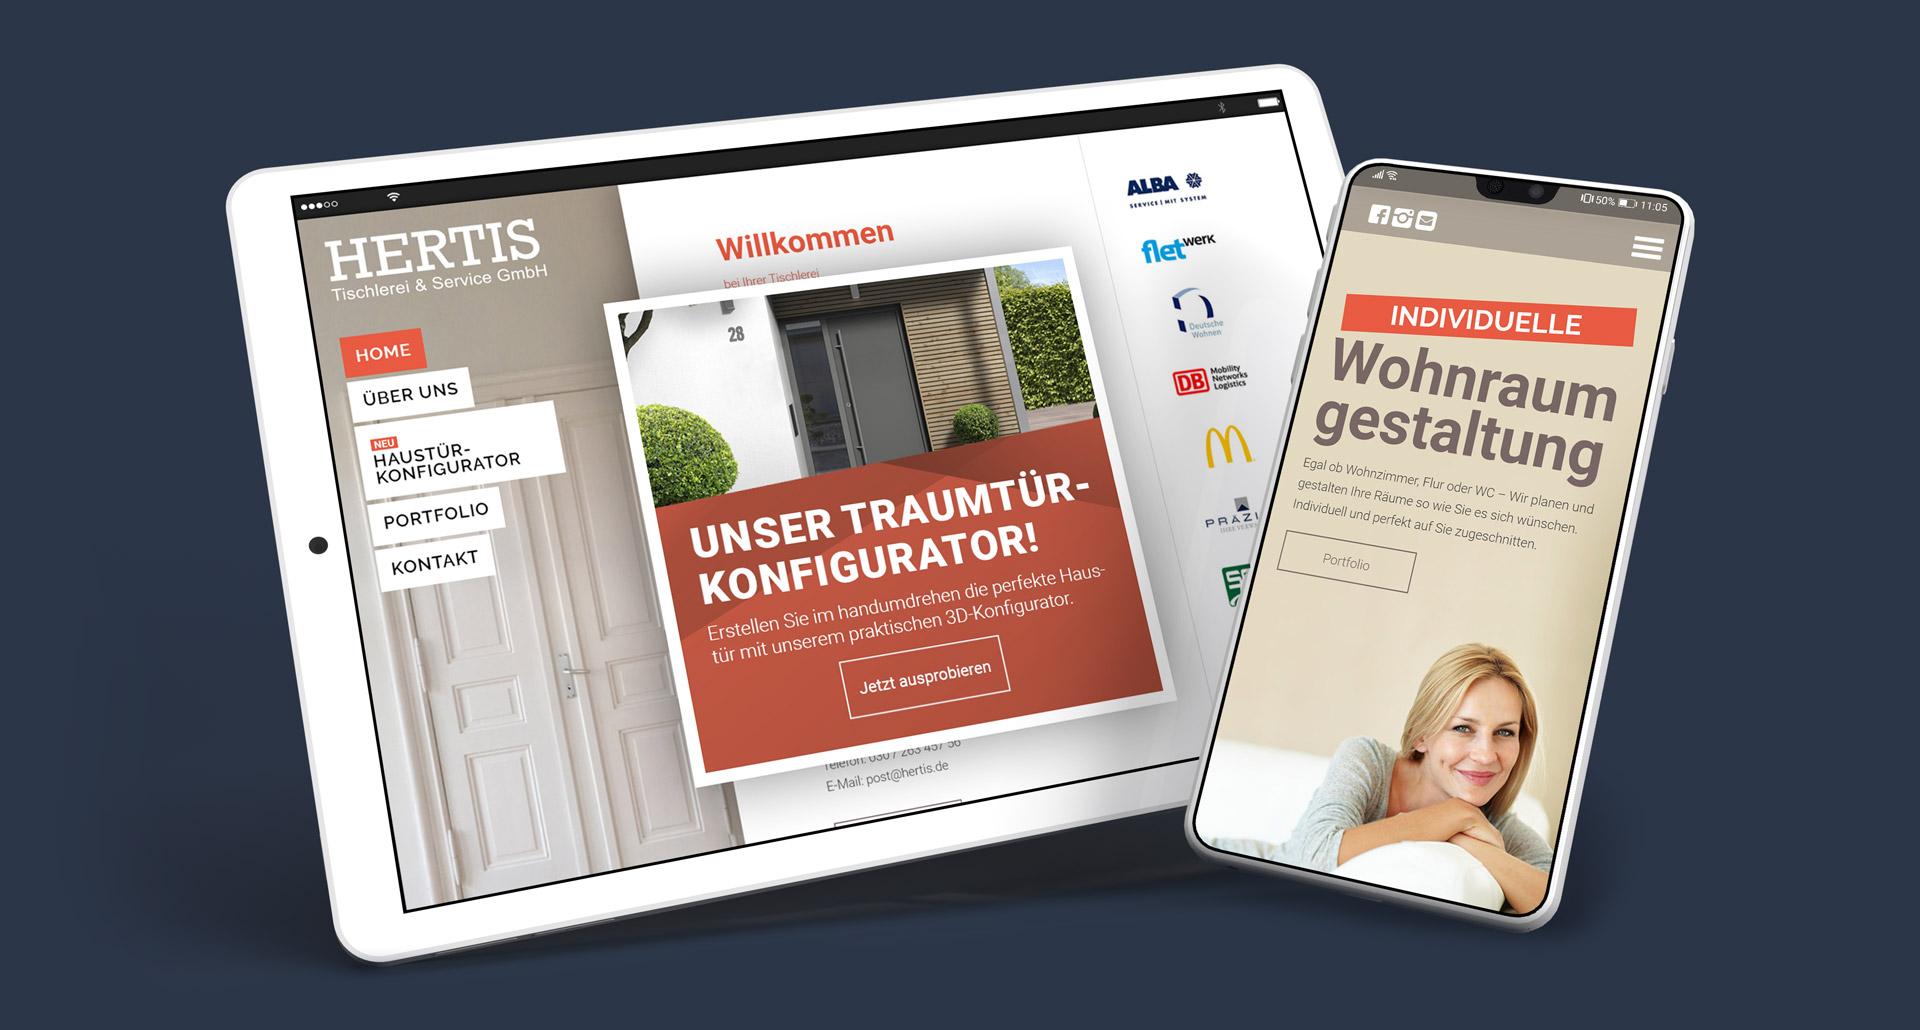 Hertis GmbH Website